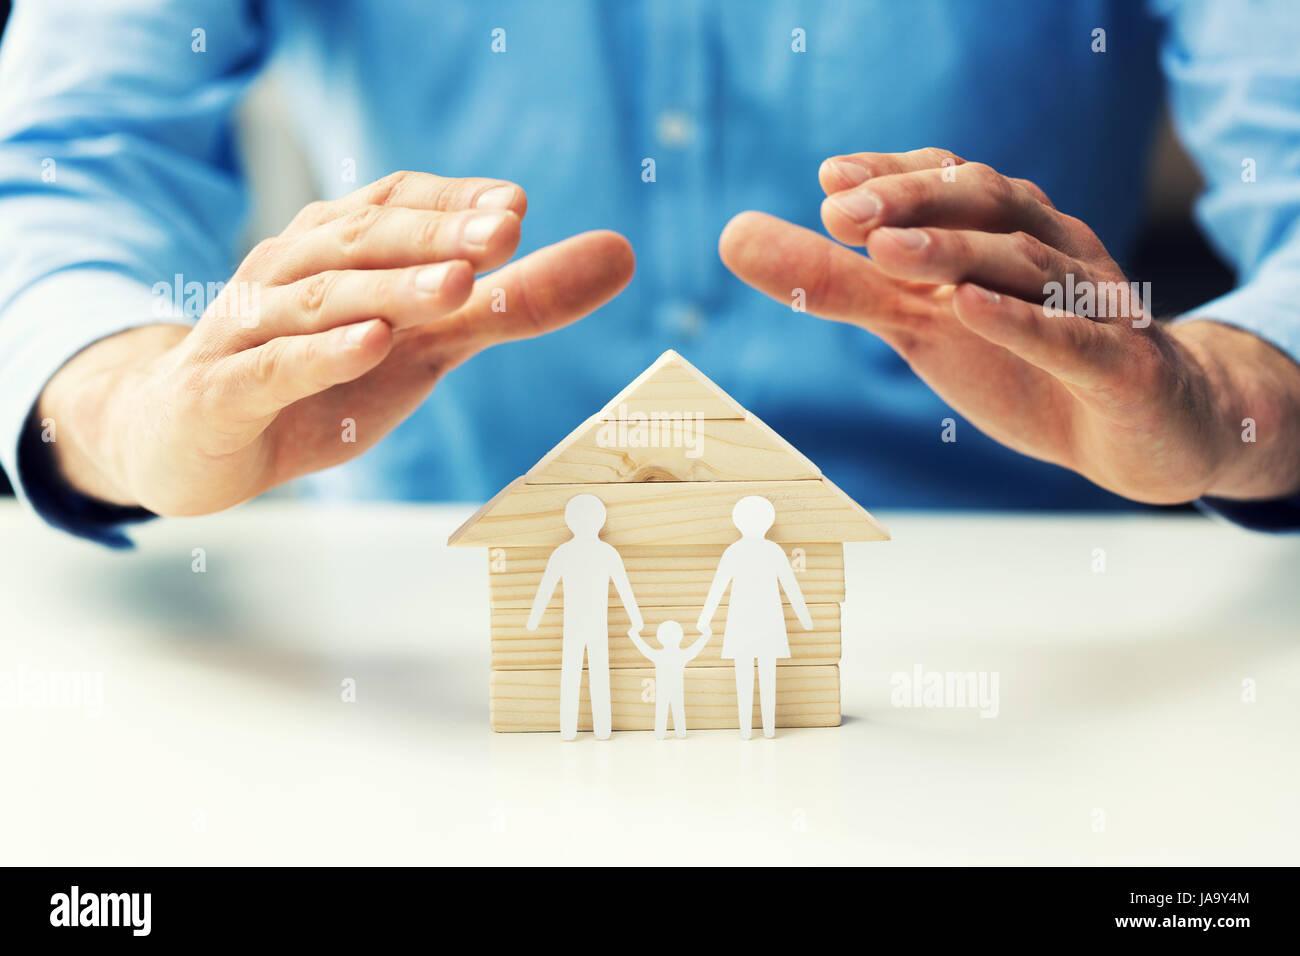 Eigentum, Lebens- und Krankenversicherung Familienkonzept Stockbild